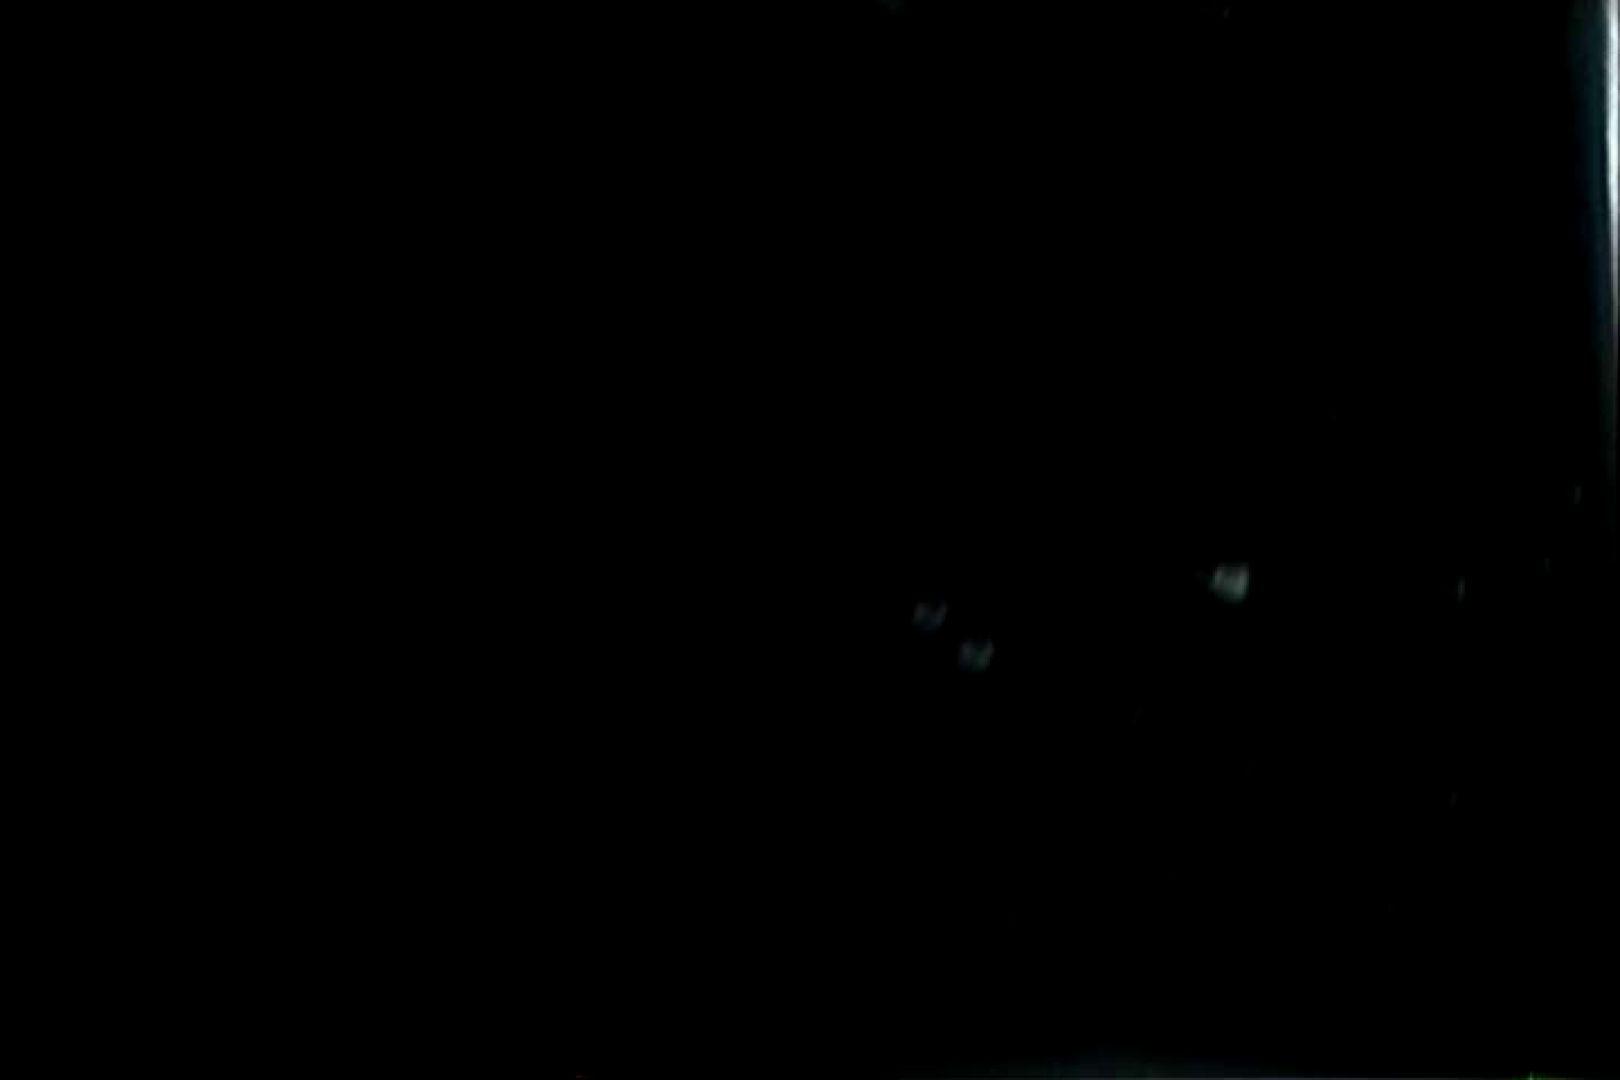 充血監督の深夜の運動会Vol.151 カップル盗撮 オマンコ無修正動画無料 97画像 90